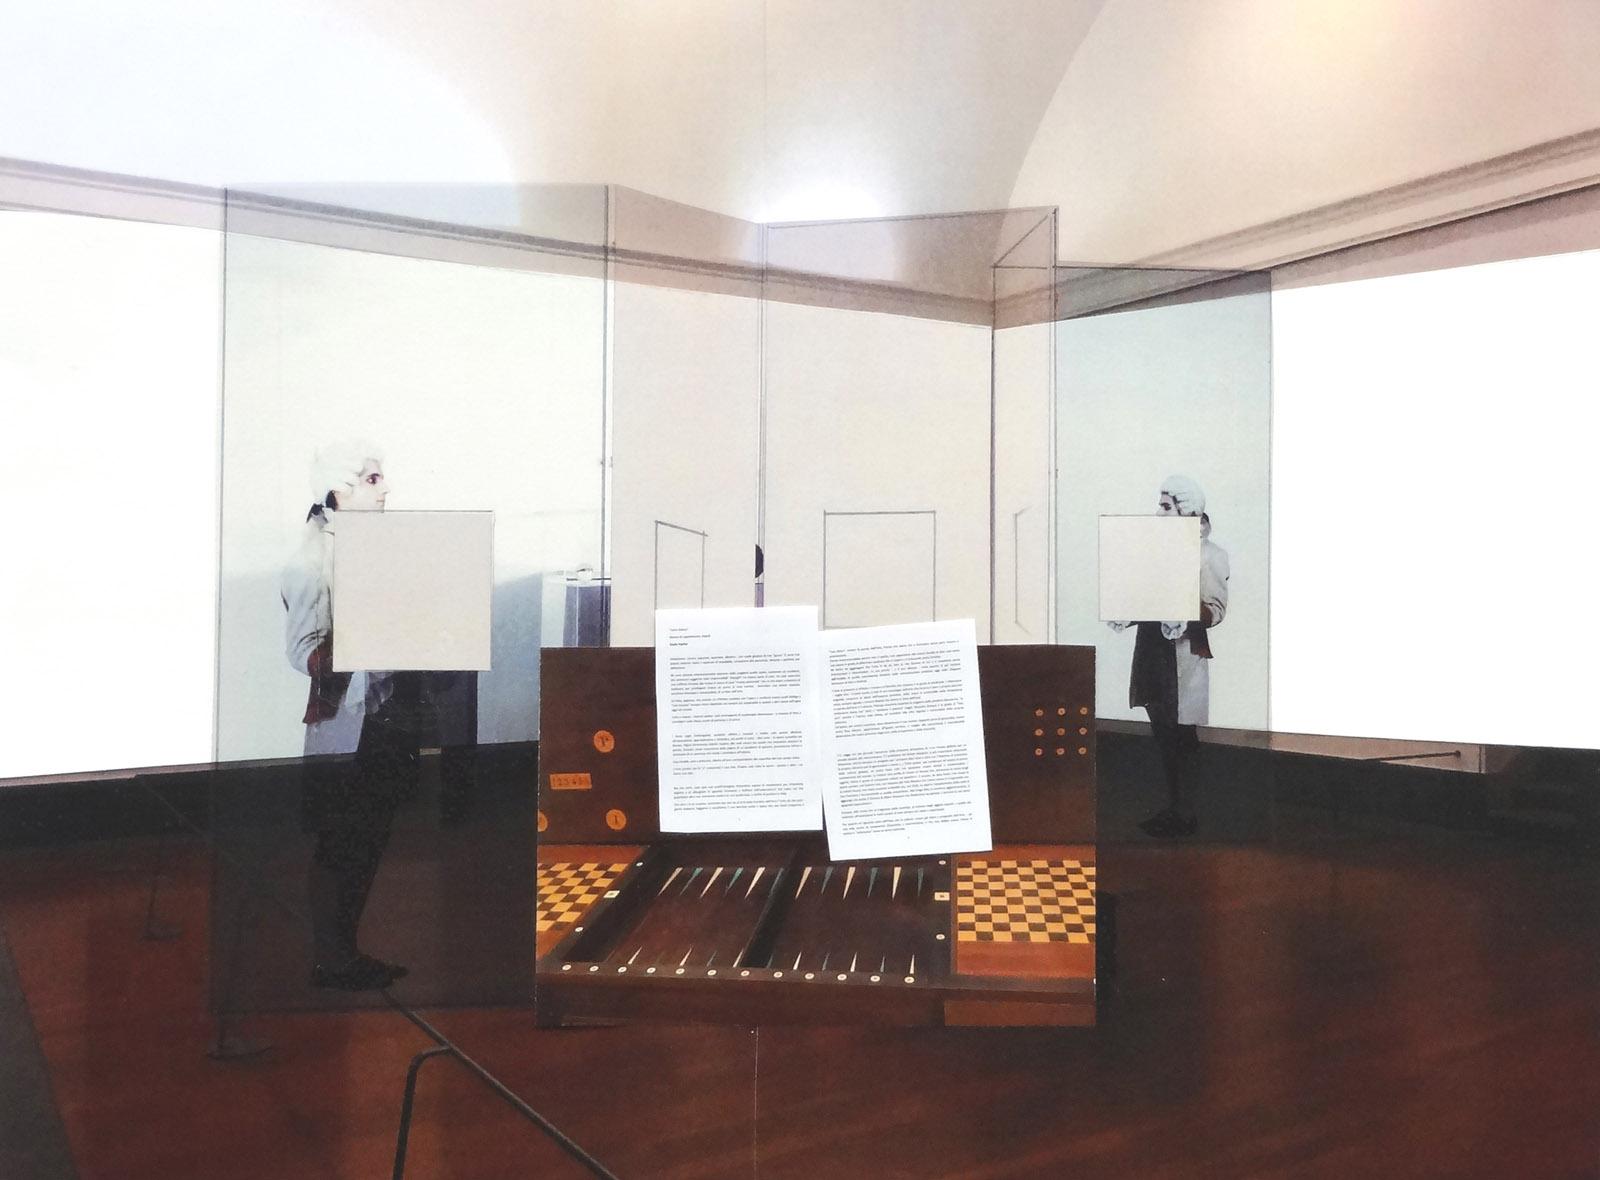 """Scelto da Giulio Paolini, Giulio Paolini, Studio per l'esposizione """"Carta bianca"""", 2017 Collage su stampa fotografica 41 x 55 cm"""